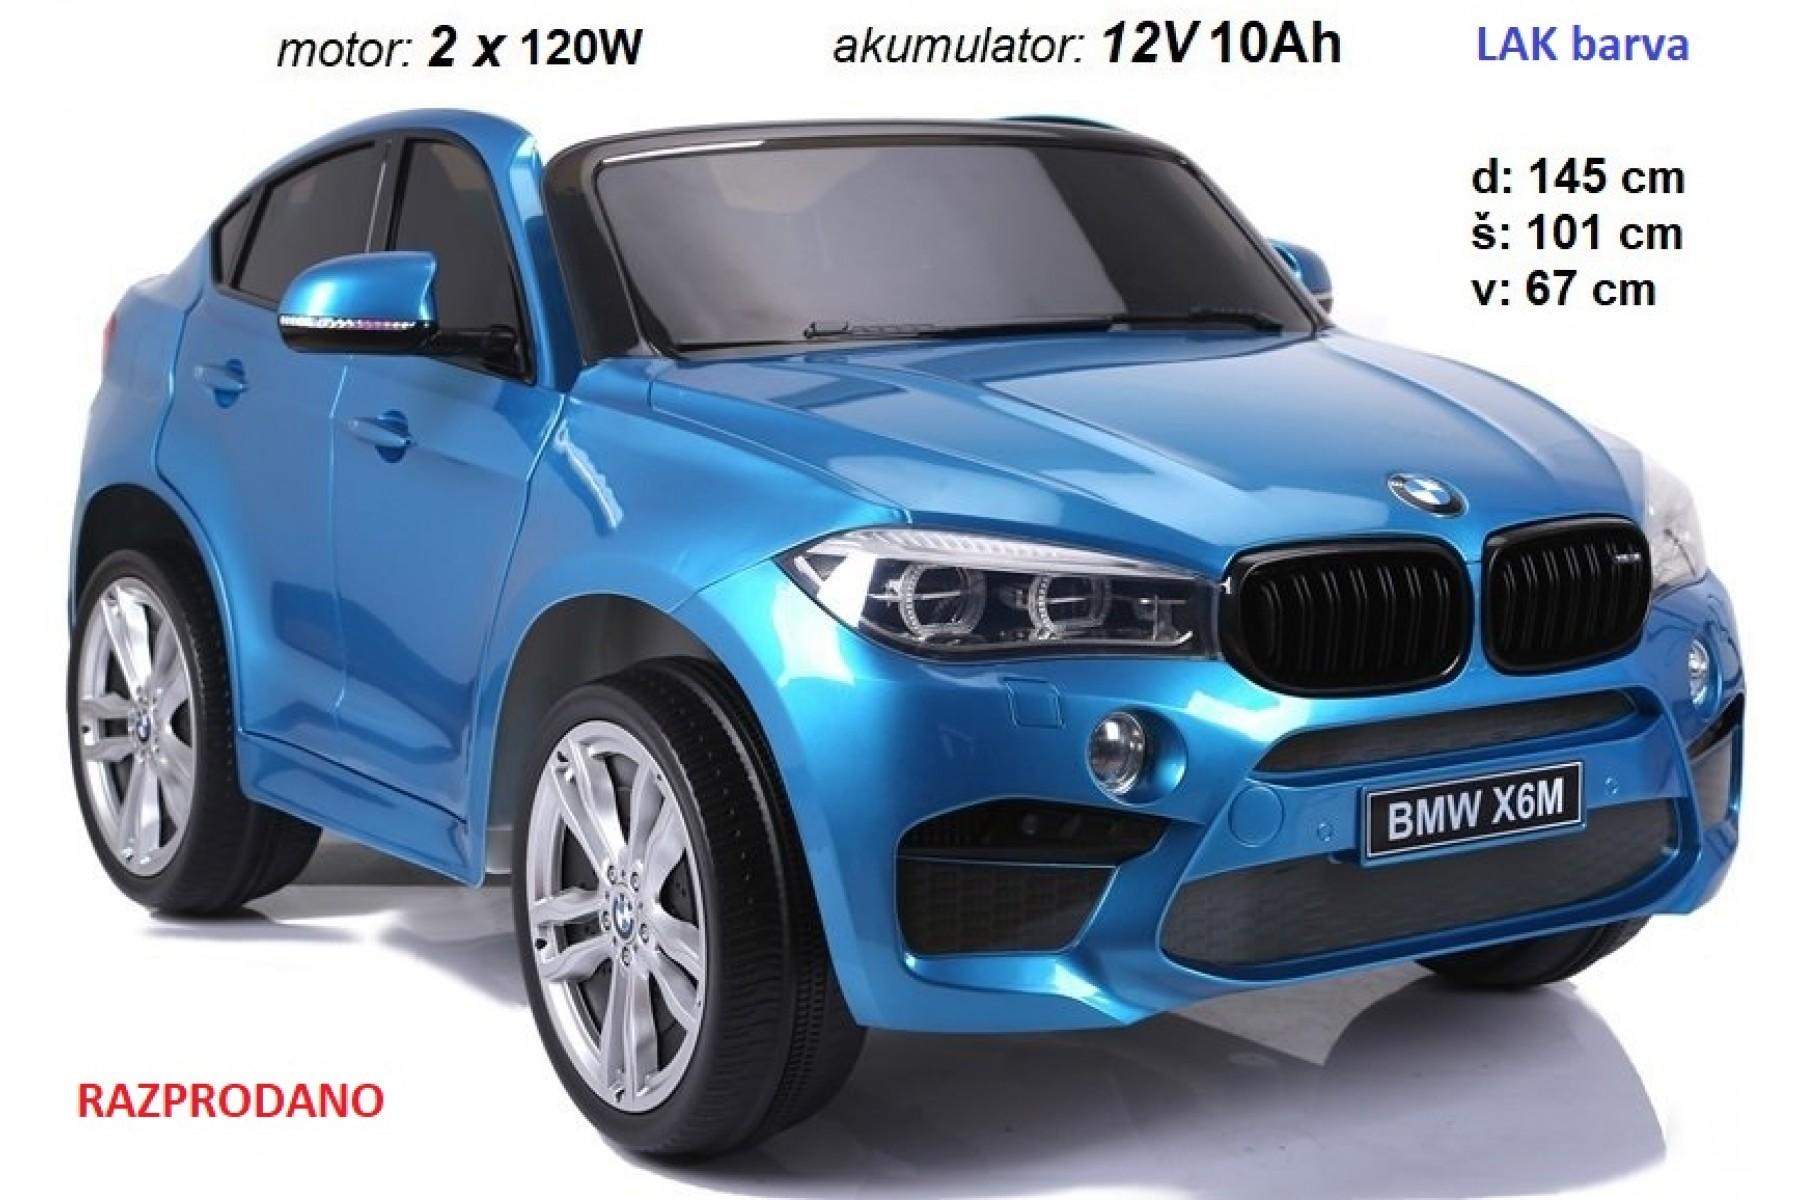 BMW X6M dvosed 2x120W LAK moder